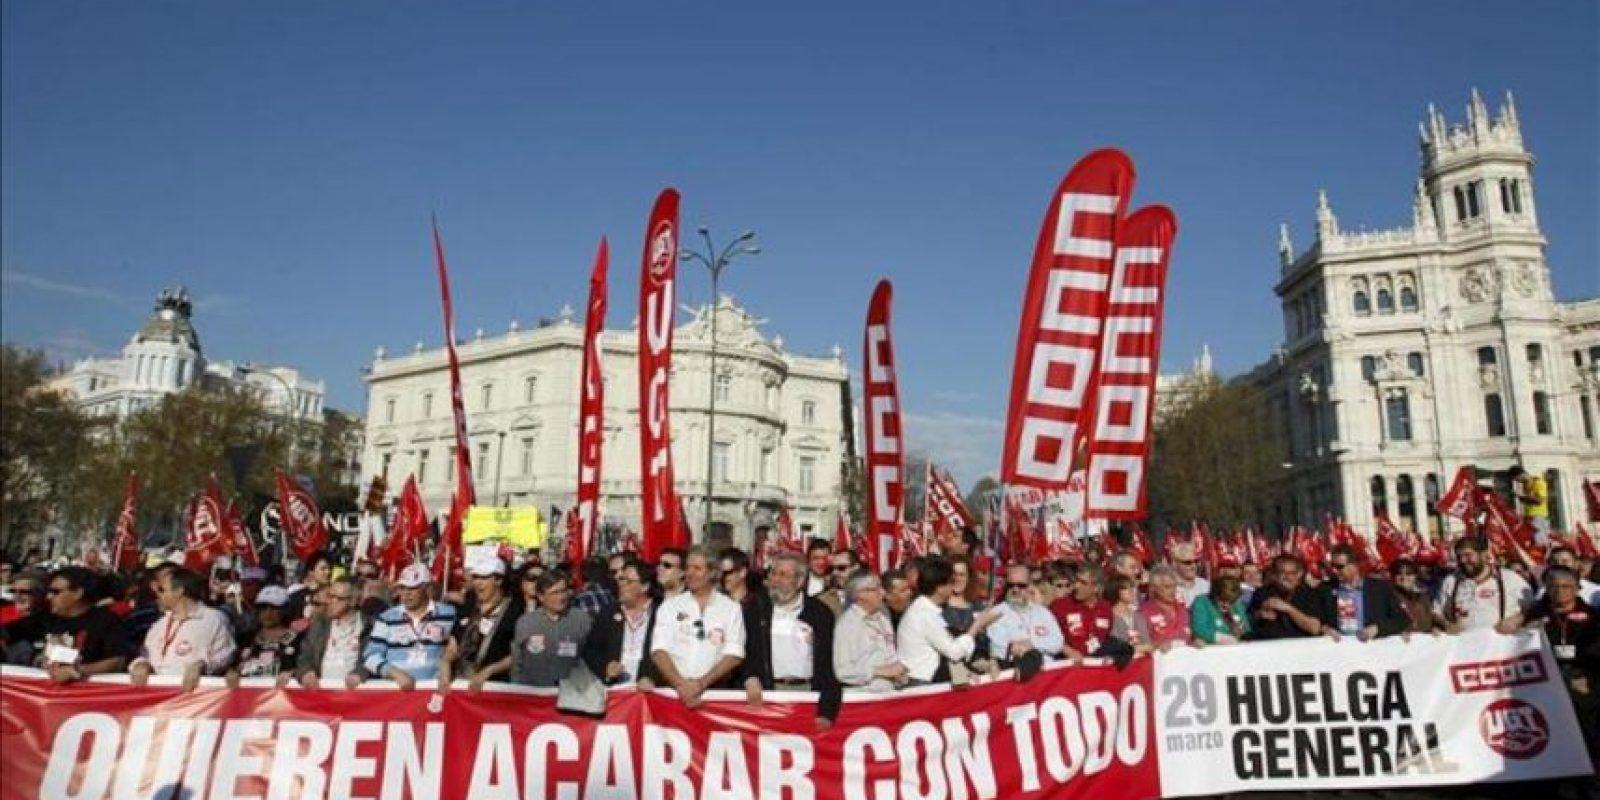 Los secretarios generales de UGT, Cándido Méndez, y CCOO, Ignacio Fernández Toxo, junto con dirigentes sindicales madrileños encabezan la manifestación celebrada esta tarde en Madrid como cierre de la jornada de huelga general convocada por sus sindicatos contra la reforma laboral. EFE